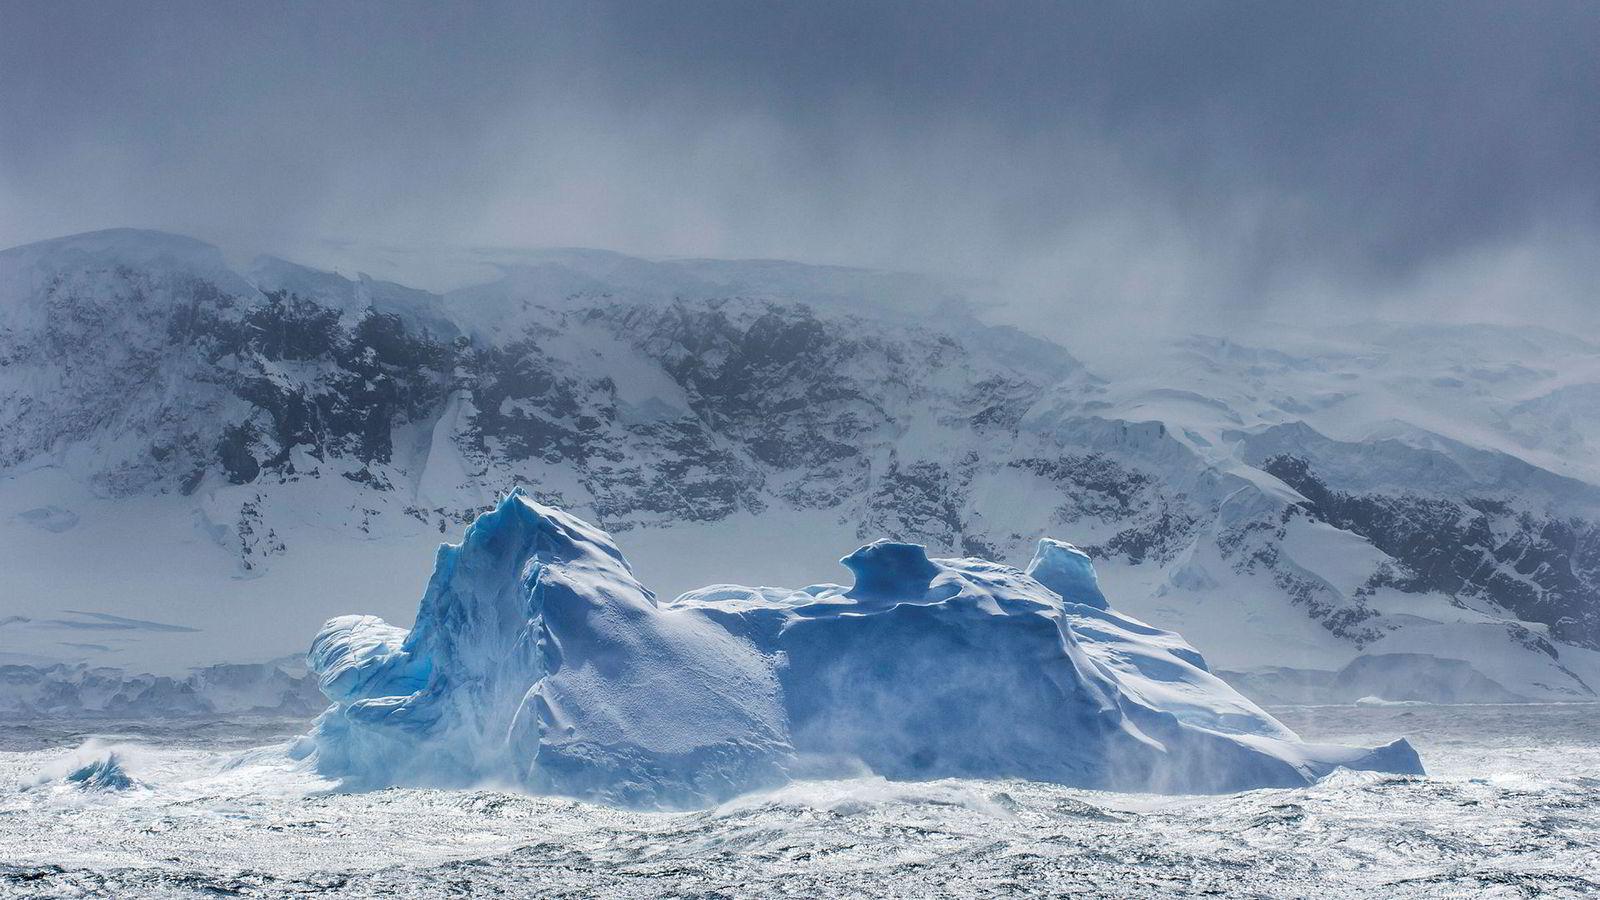 Geopolitikkens tilbakekomst har gjort atomstrategien viktig igjen. Norge er en sentral aktør for å videreføre lavspenningspolitikken for Arktis.